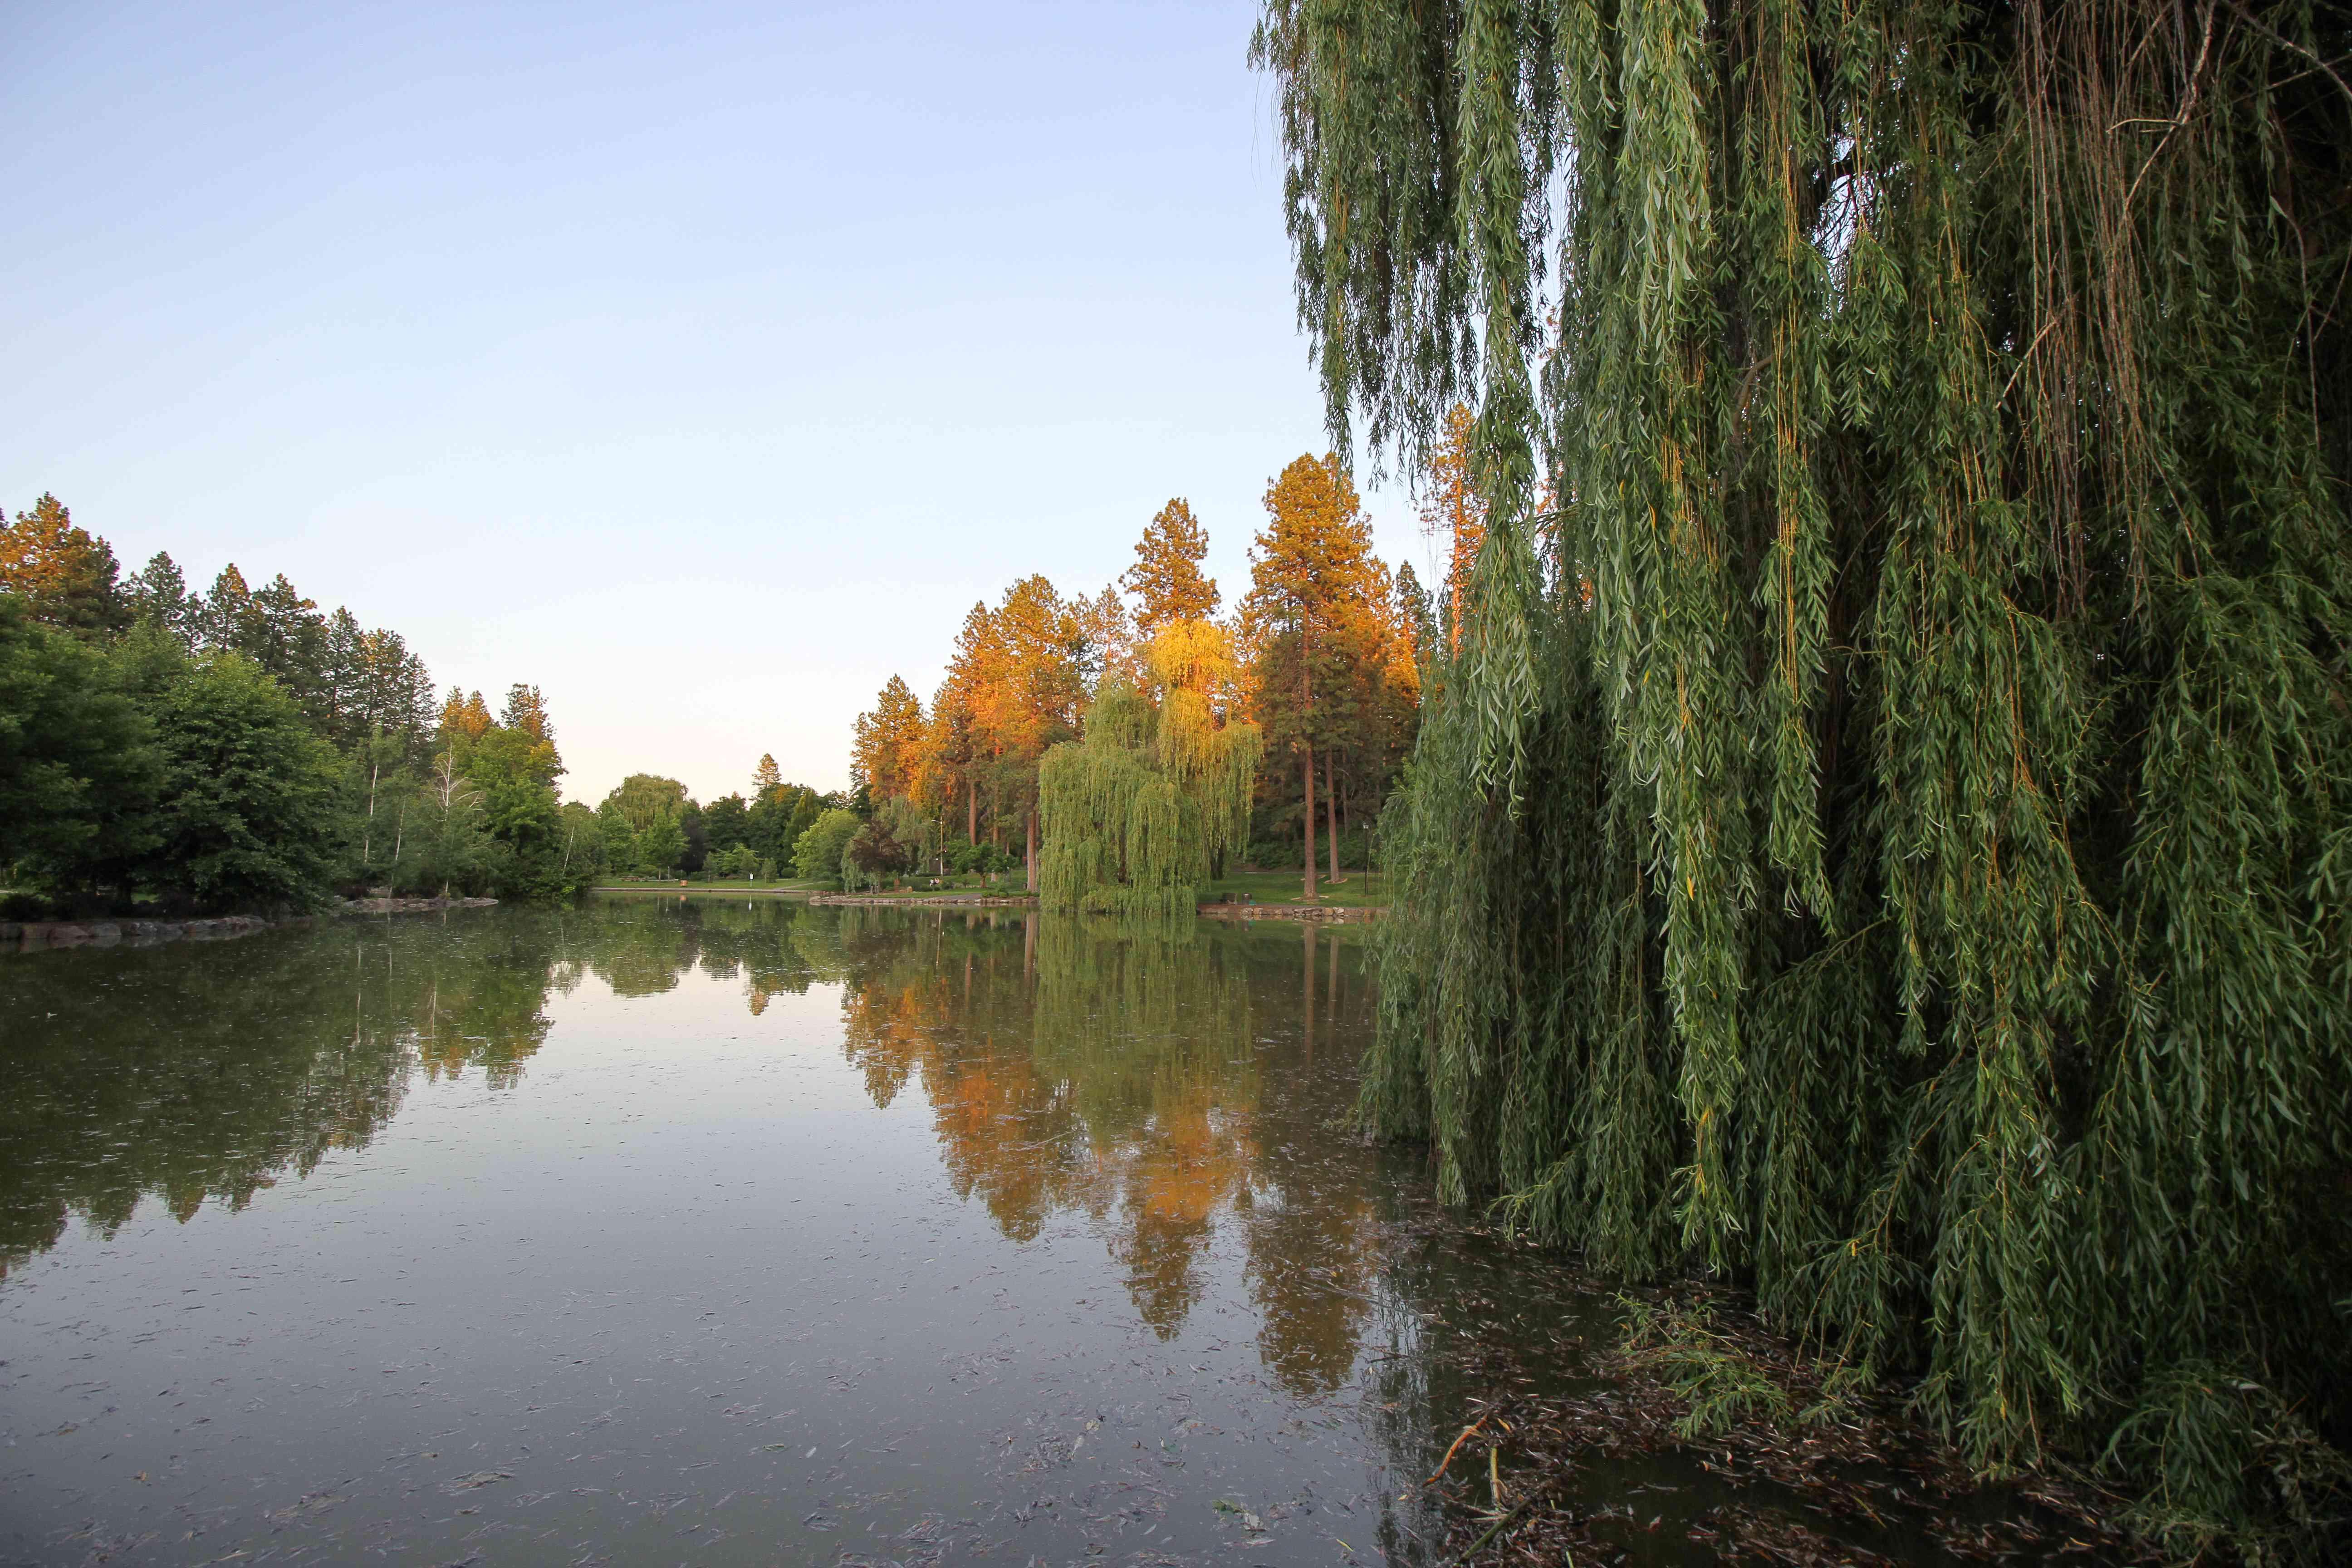 Árboles alrededor de un lago durante la puesta de sol